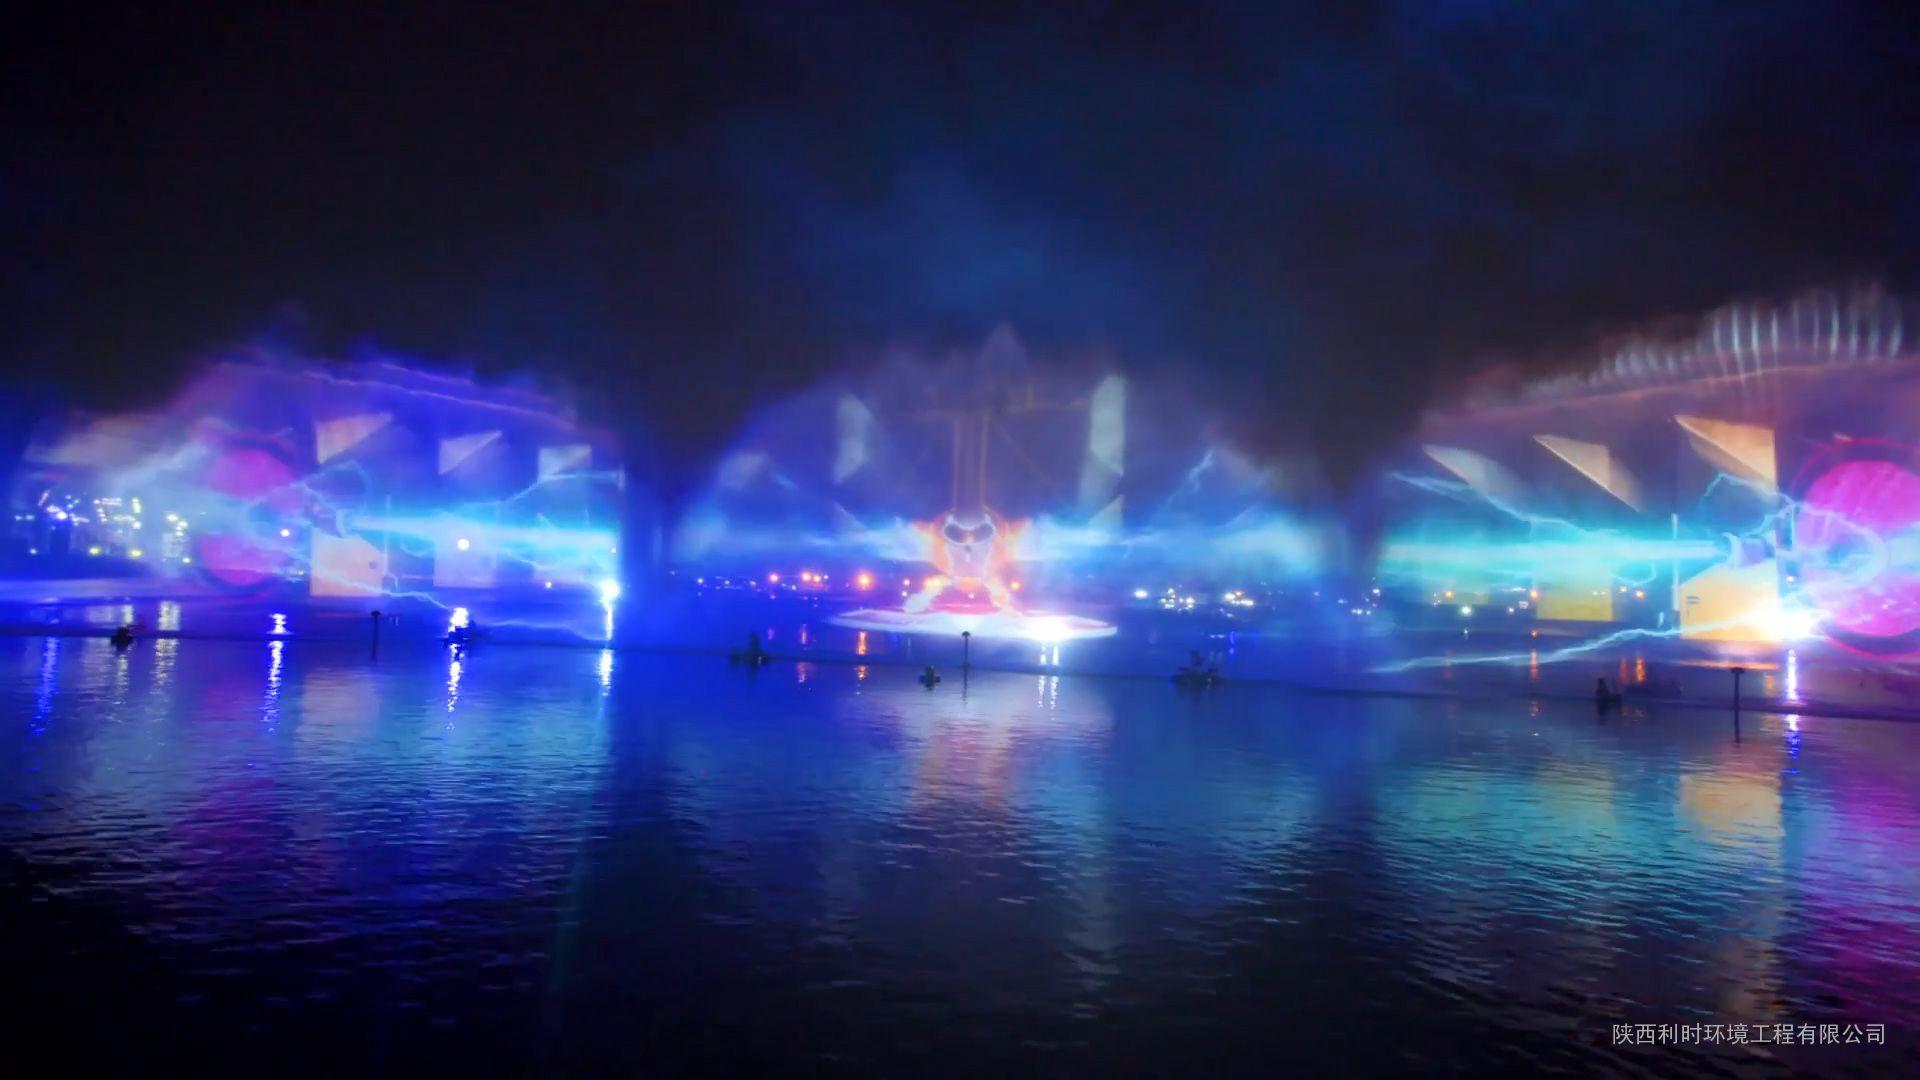 水幕电影 水景设计 激光水幕电影 水景施工 喷泉公司图片